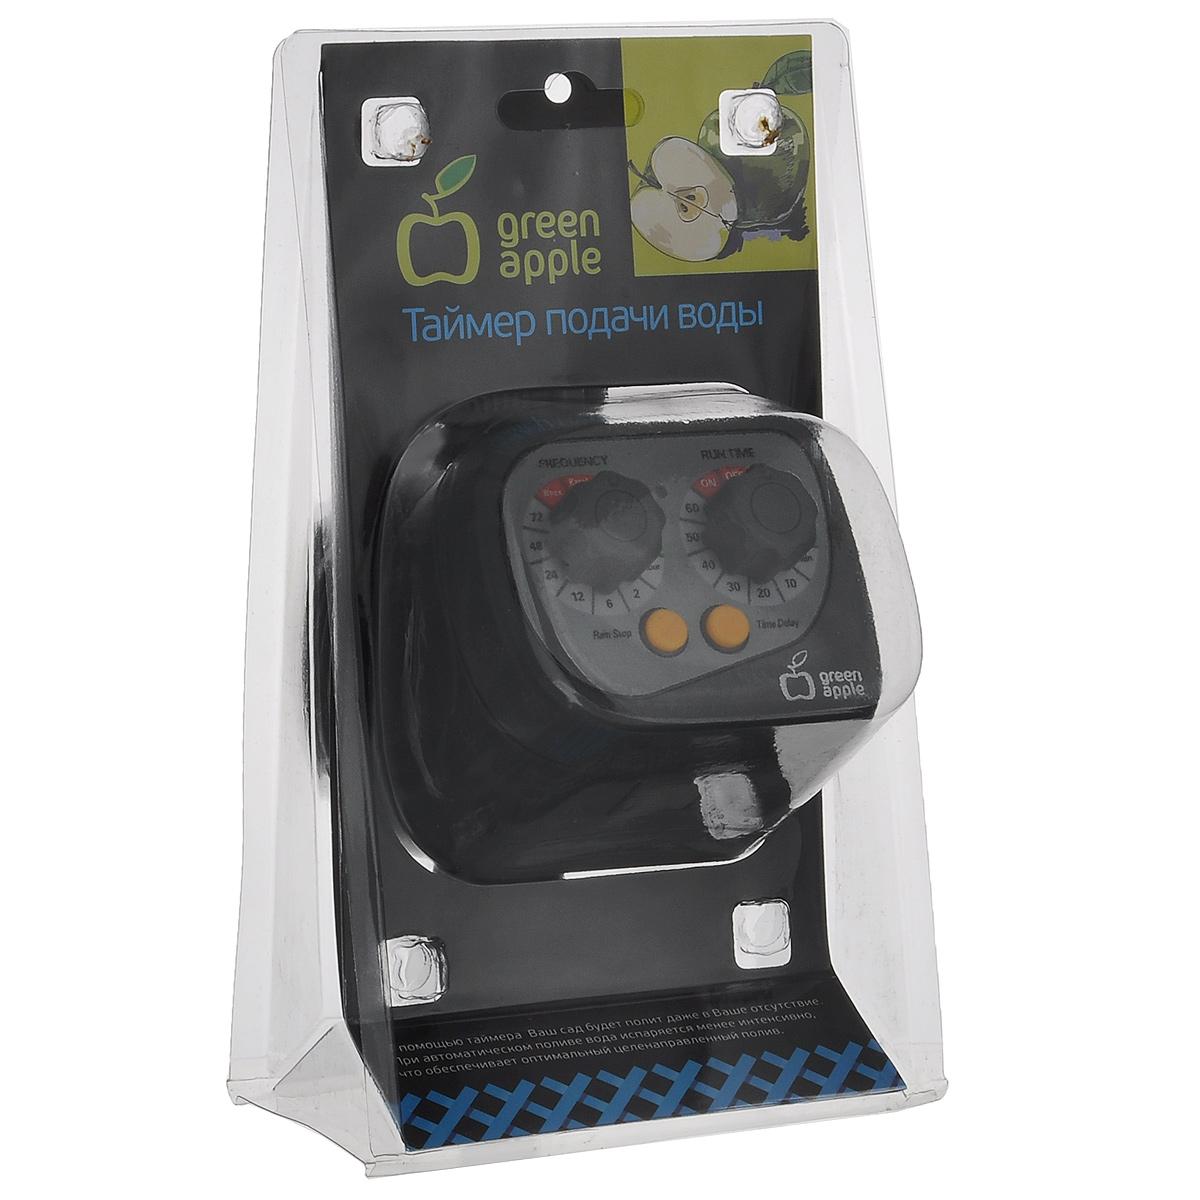 Таймер для подачи воды Green Apple, с механическим дисплеем, цвет: серый106-026С помощью таймера Green Apple ваш сад будет полит даже в ваше отсутствие.При автоматическом поливе вода испаряется менее интенсивно, что обеспечивает оптимальный целенаправленный полив. Таймер снабжен механическим управлением для автоматизации полива с возможностью программирования частоты включения и времени подачи воды. Размер таймера: 9 см х 15 см х 8 см.Частота полива: 1 минута - 72 часа; неделя.Время работы: 5 секунд - 60 минут; бесконечно.